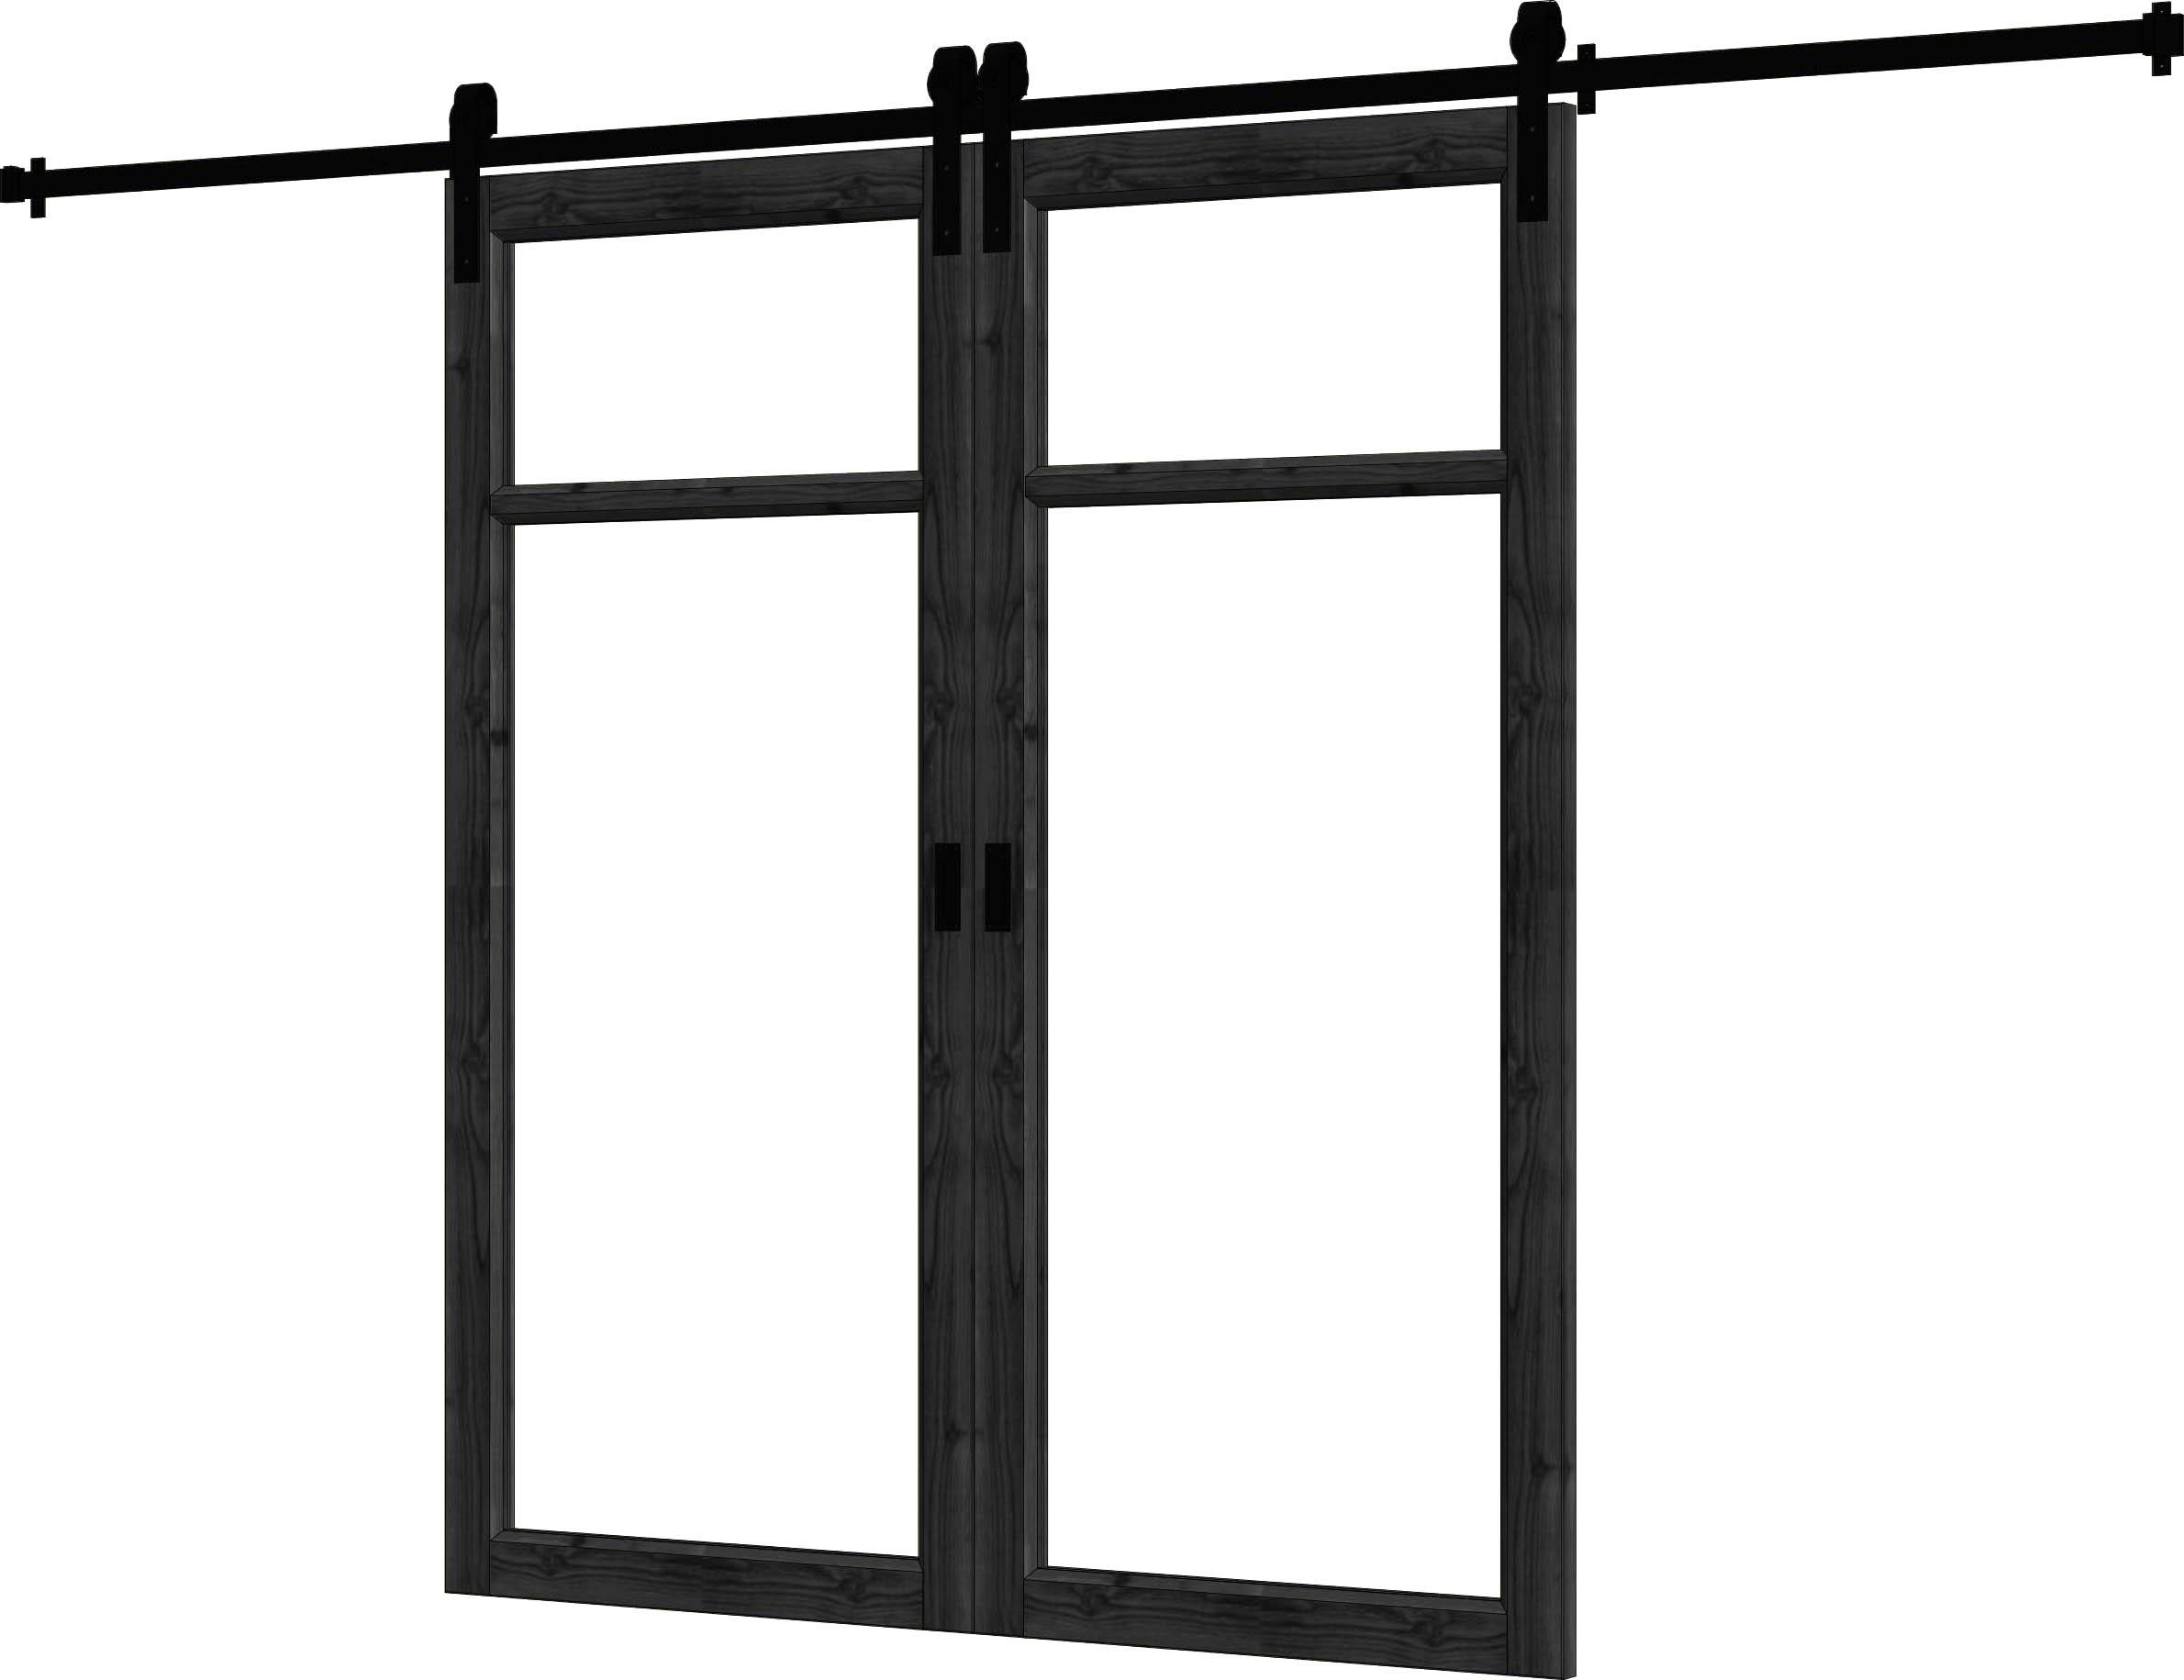 Trendhout | Steel Look Schuifdeur Dubbel | U2 | 168 x 206 cm